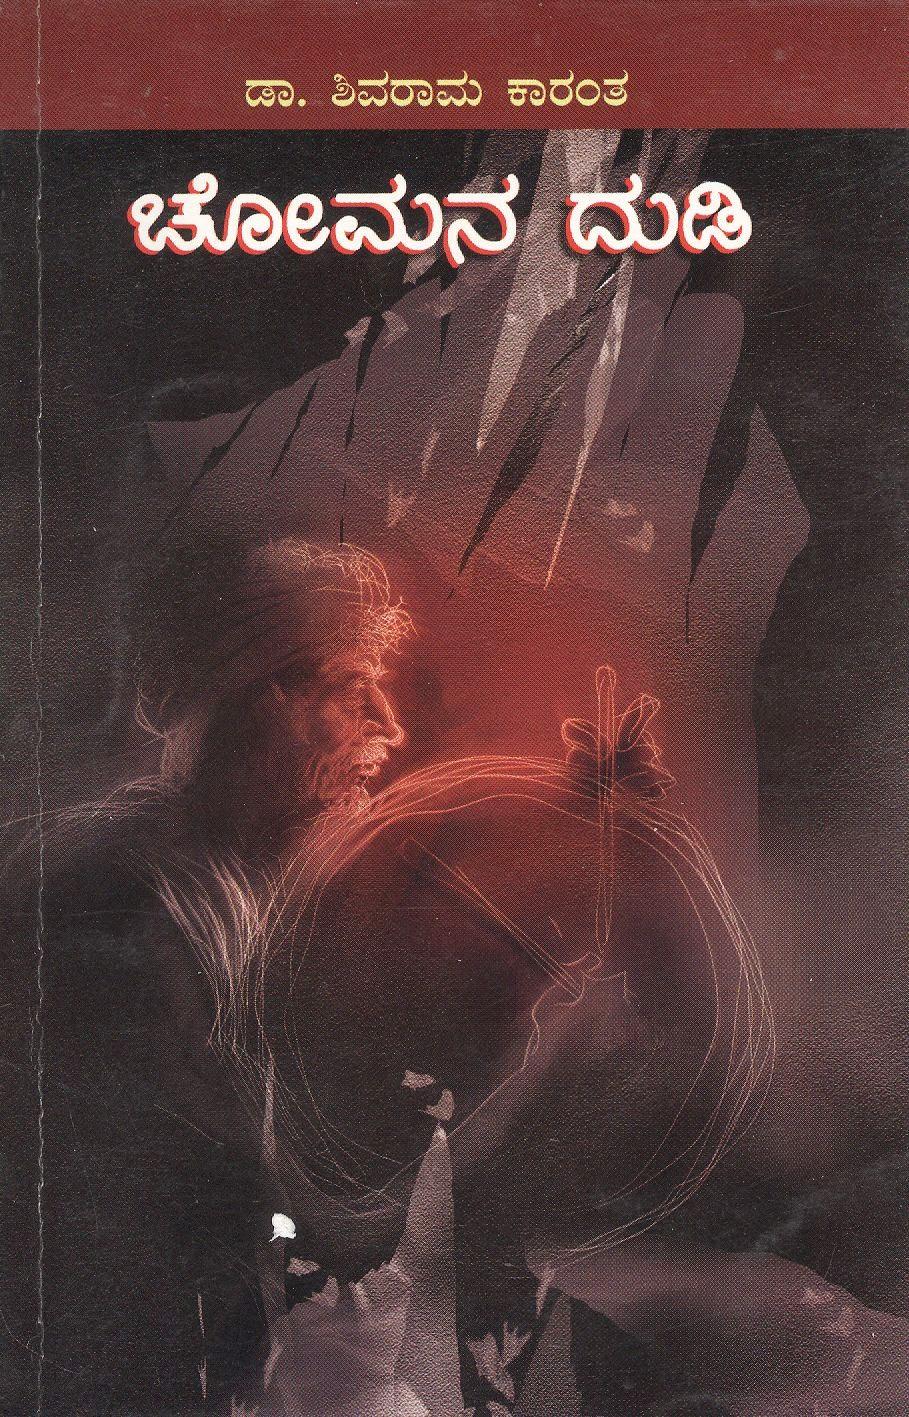 chomana dudi book review